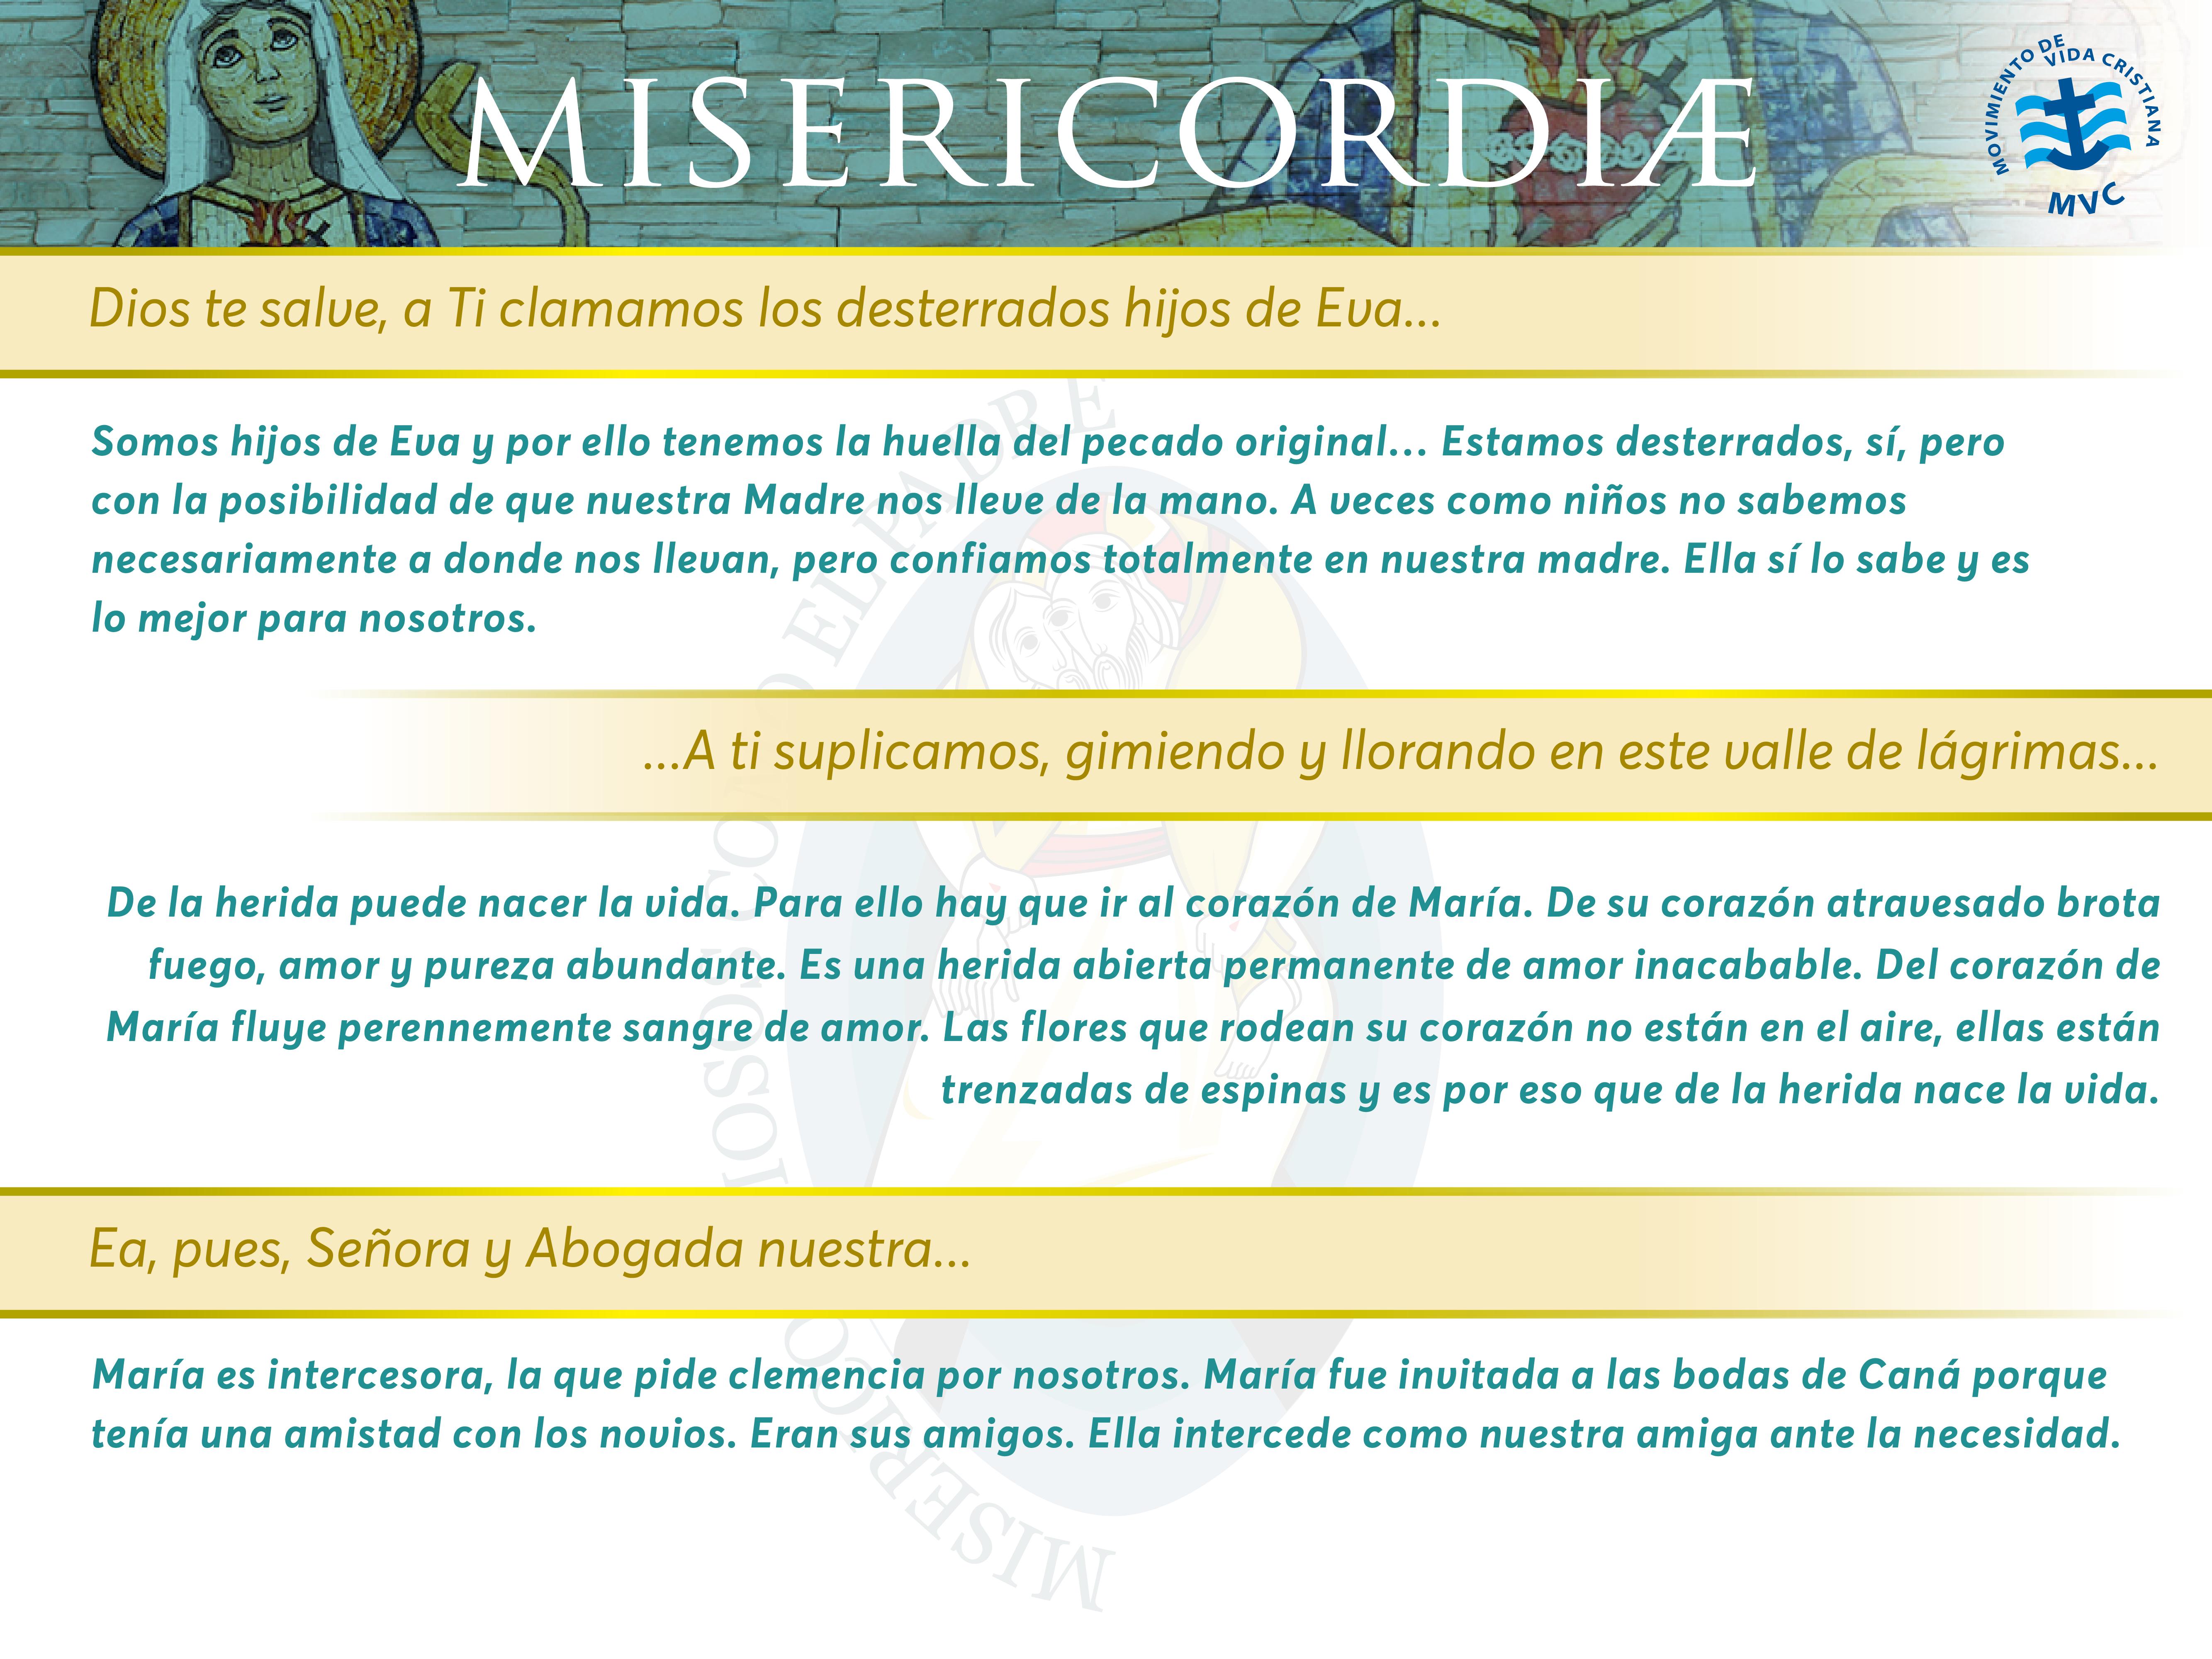 Misericordiae 5-05